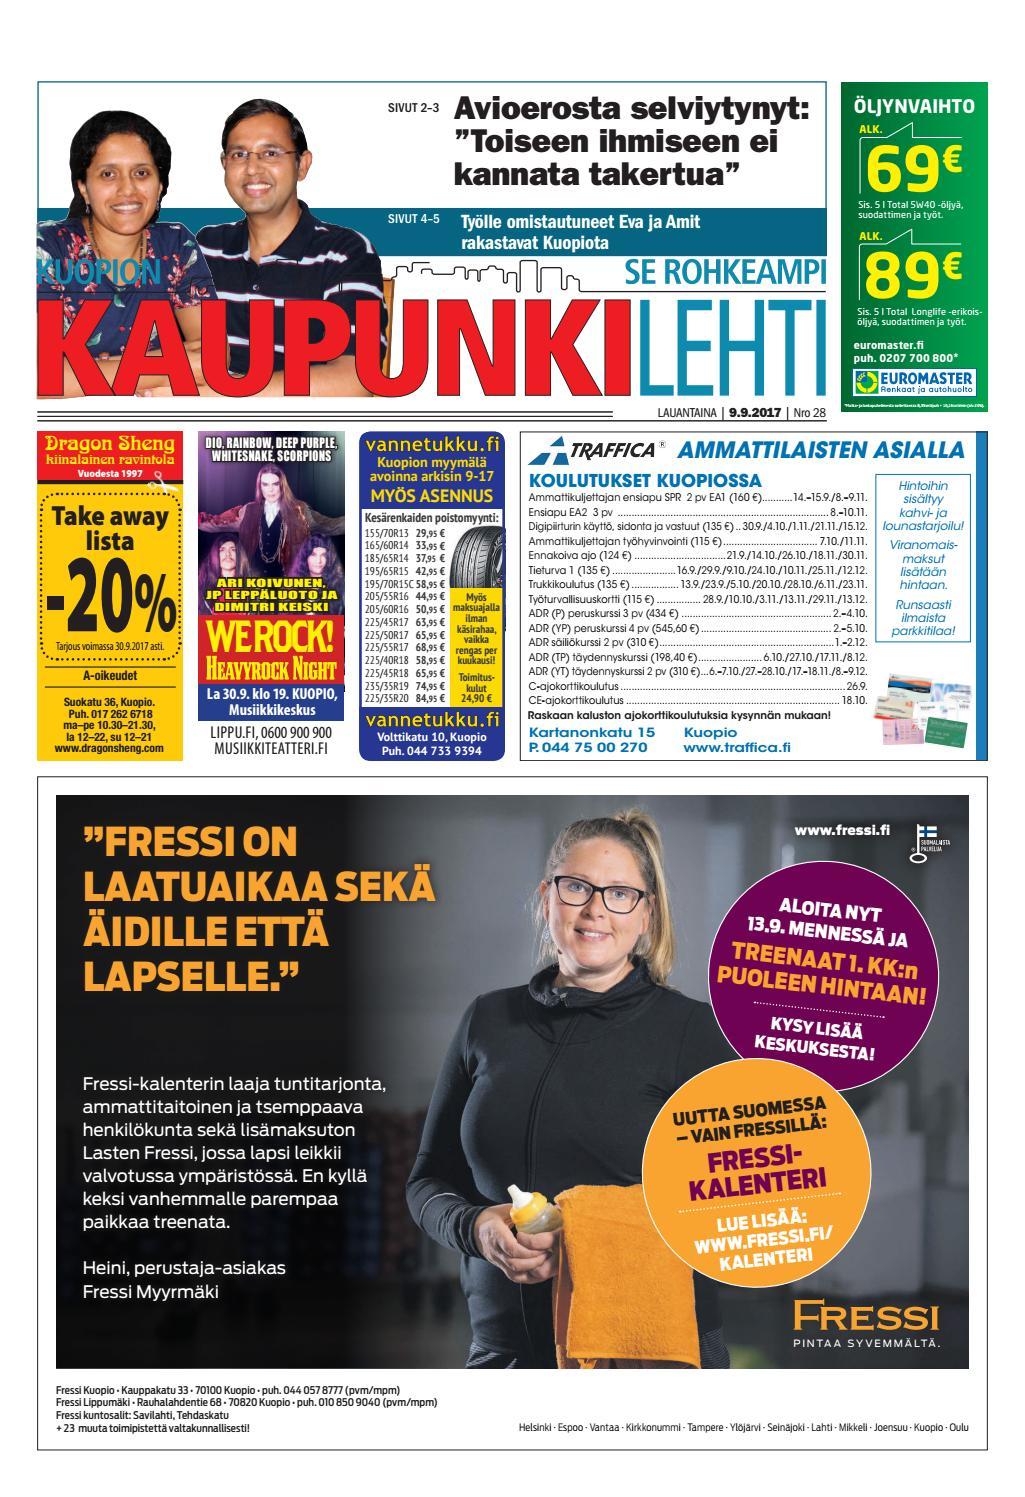 Kuopio Kiinalainen